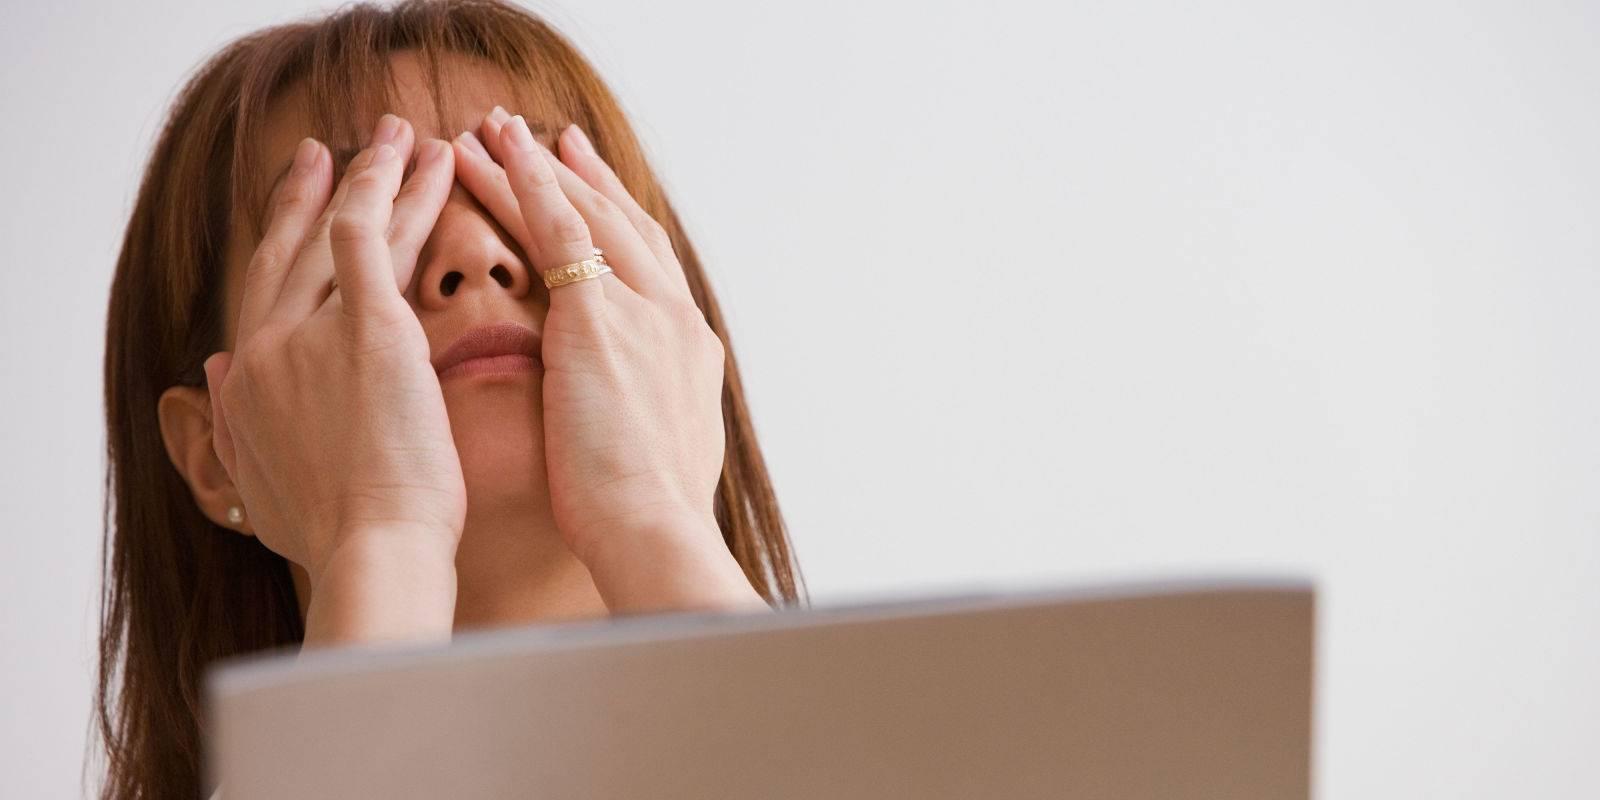 Уставшие глаза: почему глаза устают. уход за уставшими глазами: капли, народные средства, упражнения и питание